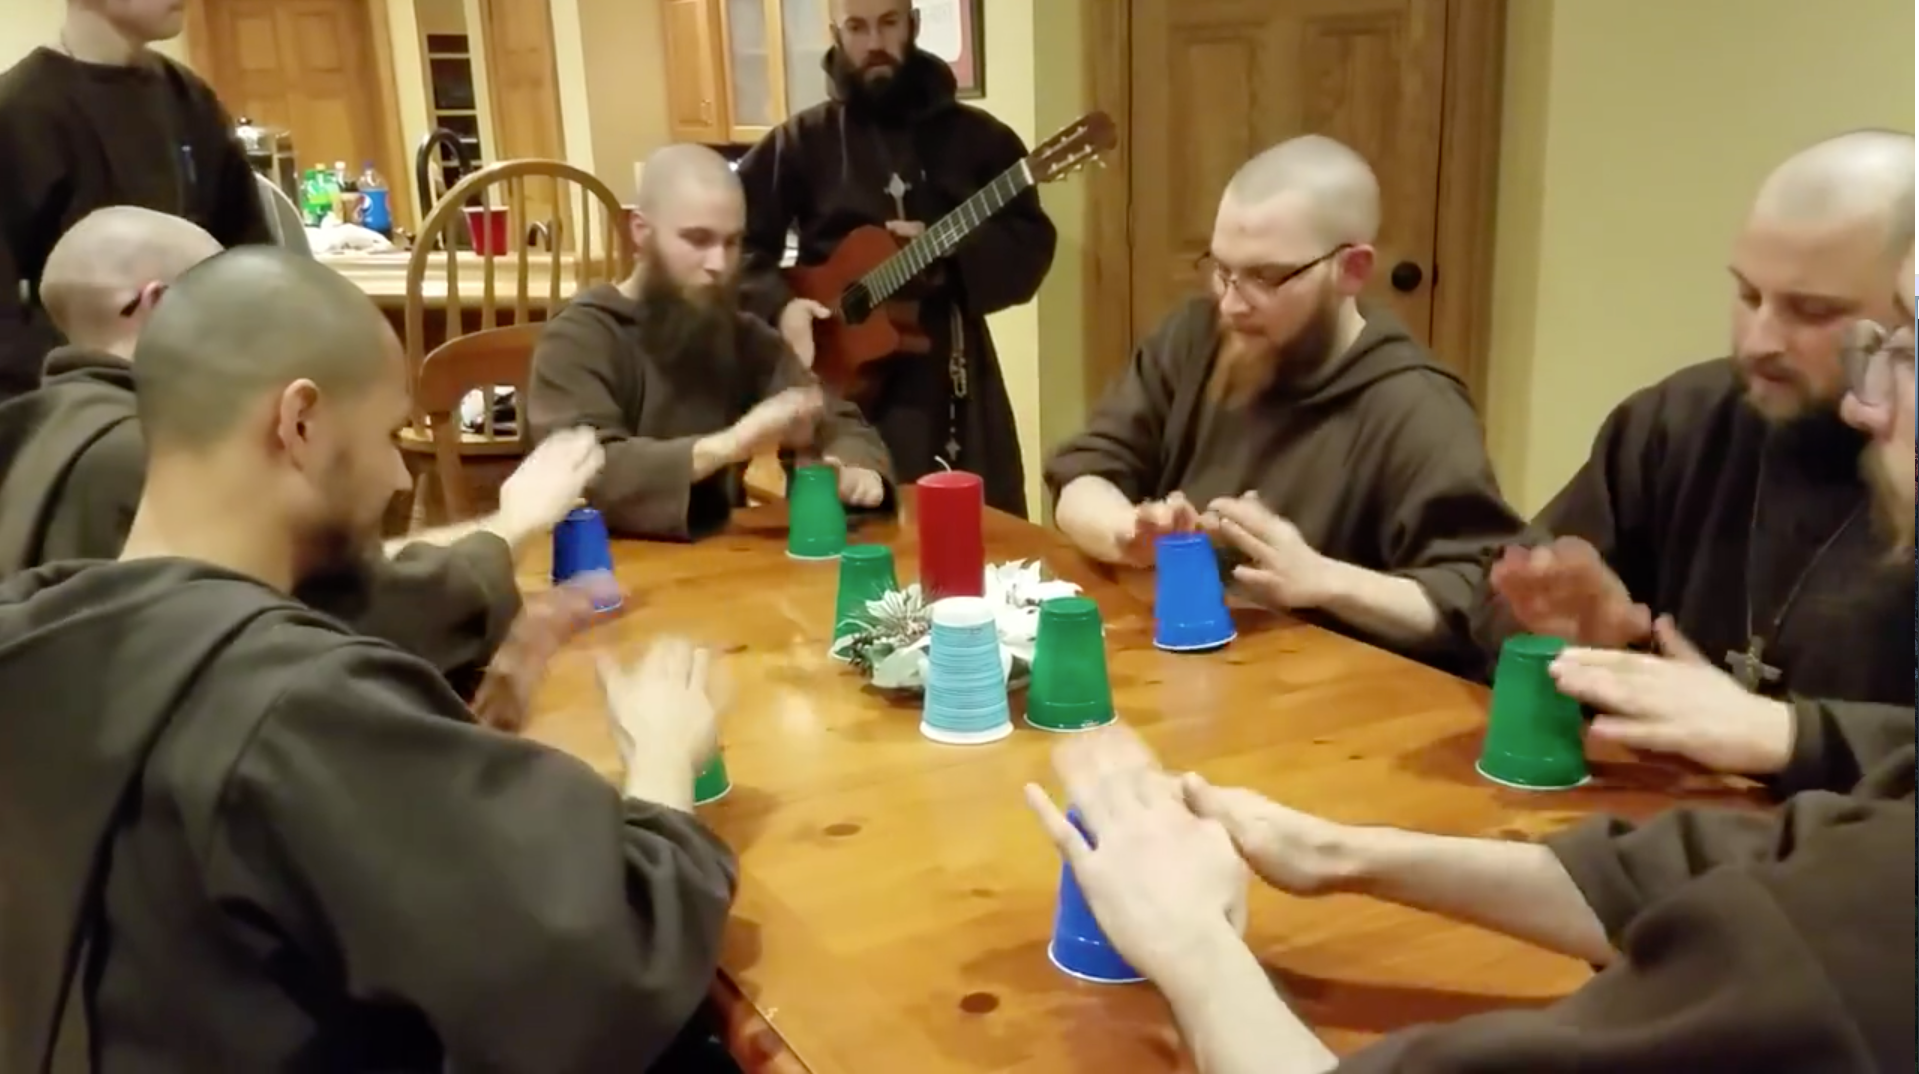 Des franciscains jouent au cup game lors d'un réveillon